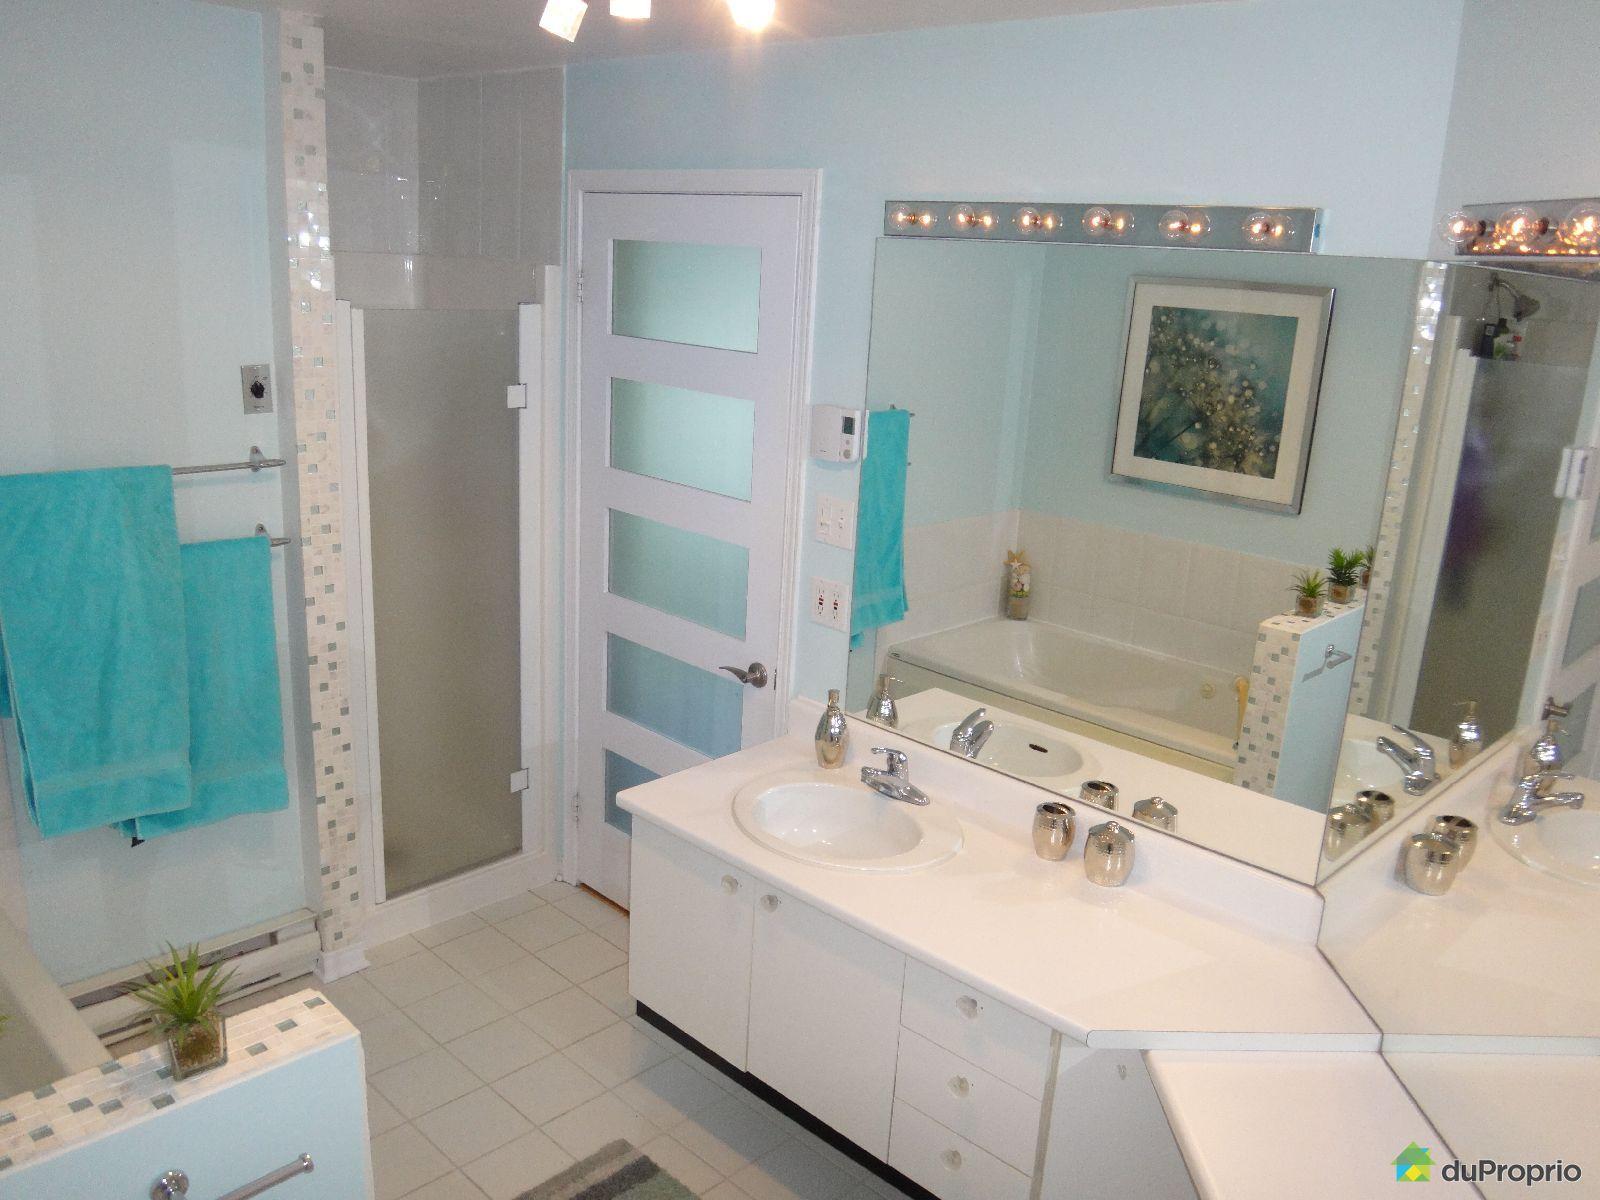 Condo for sale in la prairie 402 80 avenue balmoral for Chambre bain tourbillon montreal